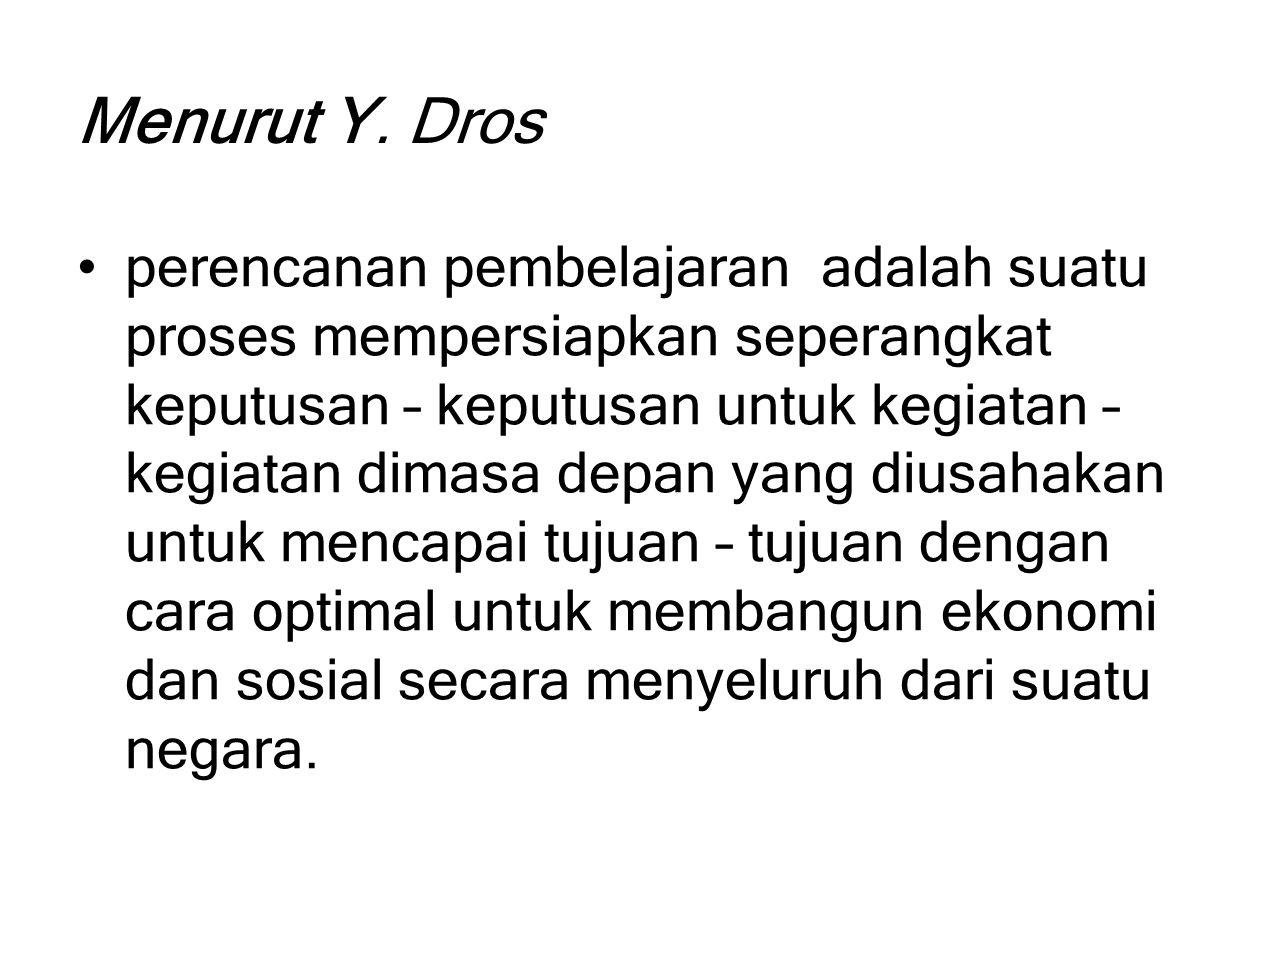 Menurut Y. Dros